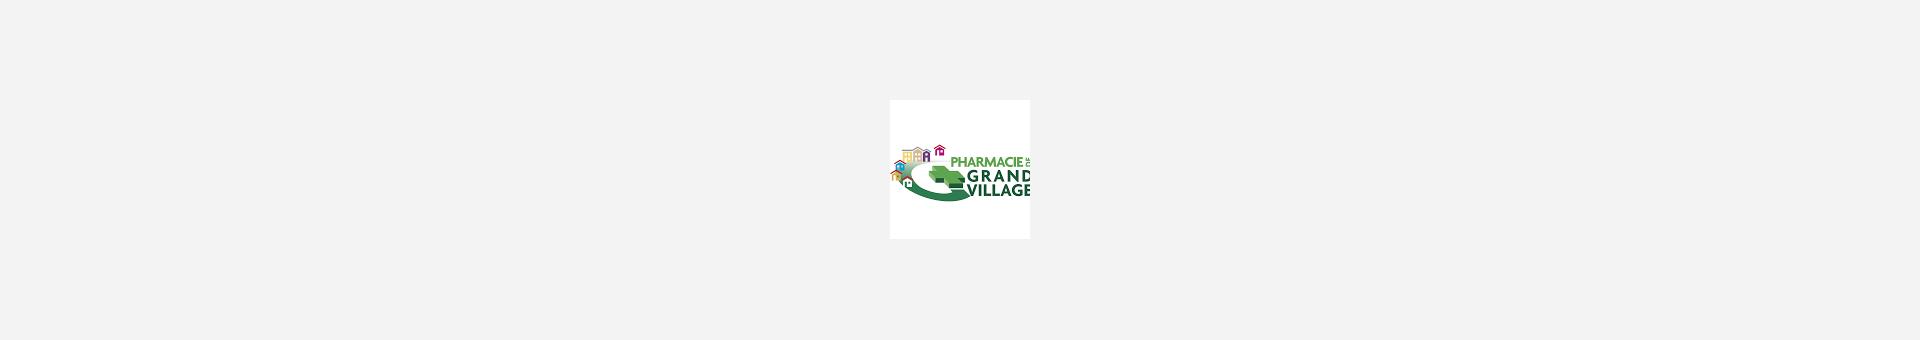 Pharmacie de Grand Village,SCHOELCHER